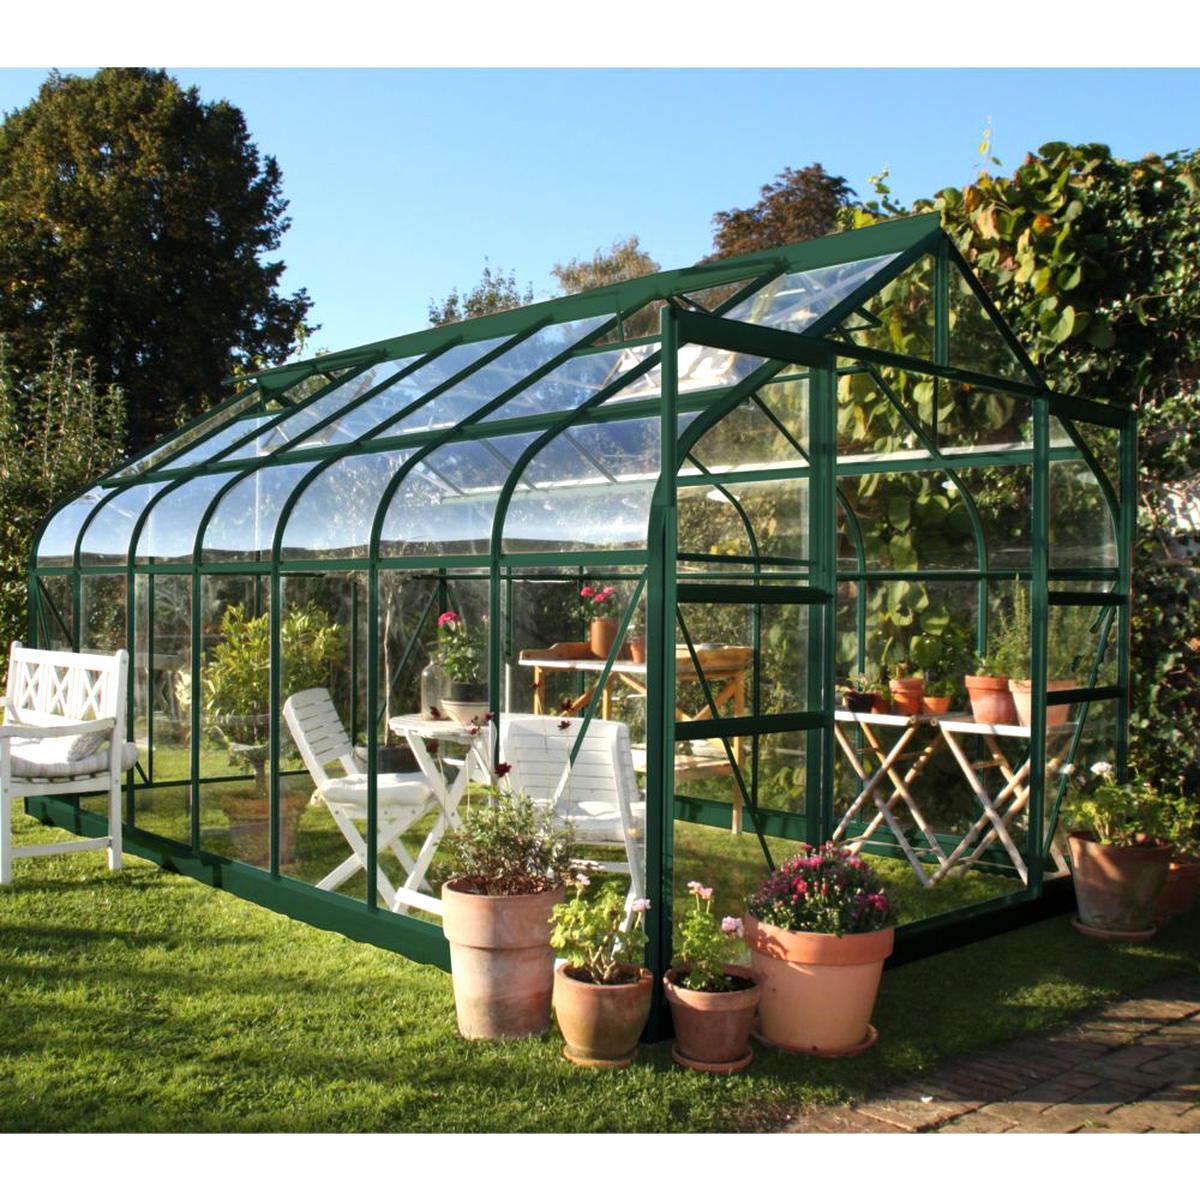 Serre Jardin D'occasion | Plus Que 2 À -65% intérieur Serre De Jardin Pas Chere